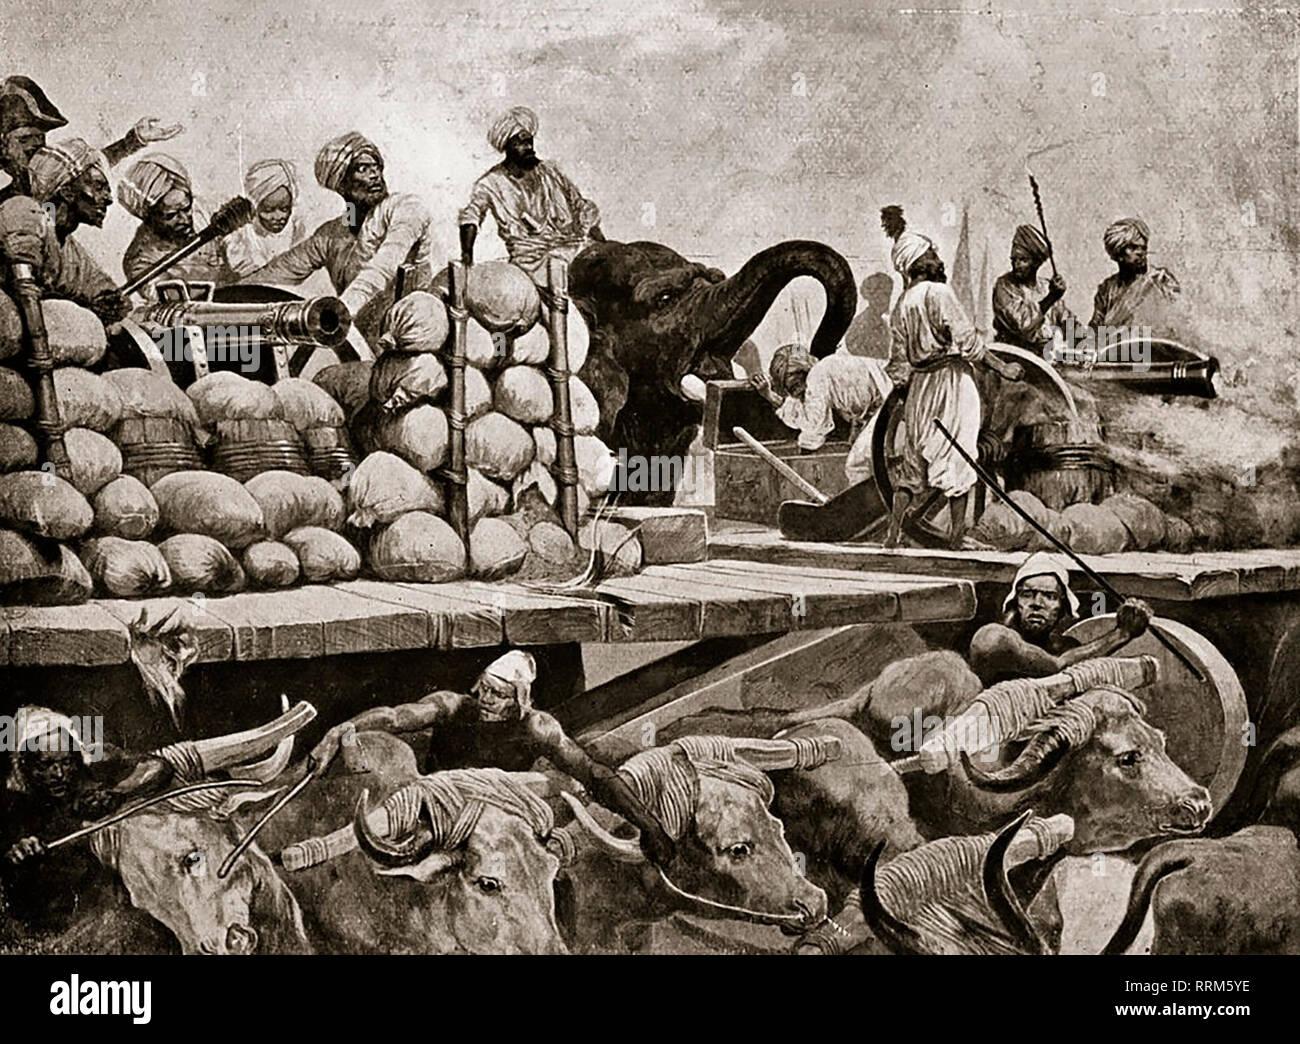 Il Nawab di artiglieria a Plassey - Battaglia di Plassey, 23 giugno 1757; decisiva British East India Company la vittoria contro il Nawab del Bengala e i suoi alleati francesi, che istituisce regola società in India Immagini Stock